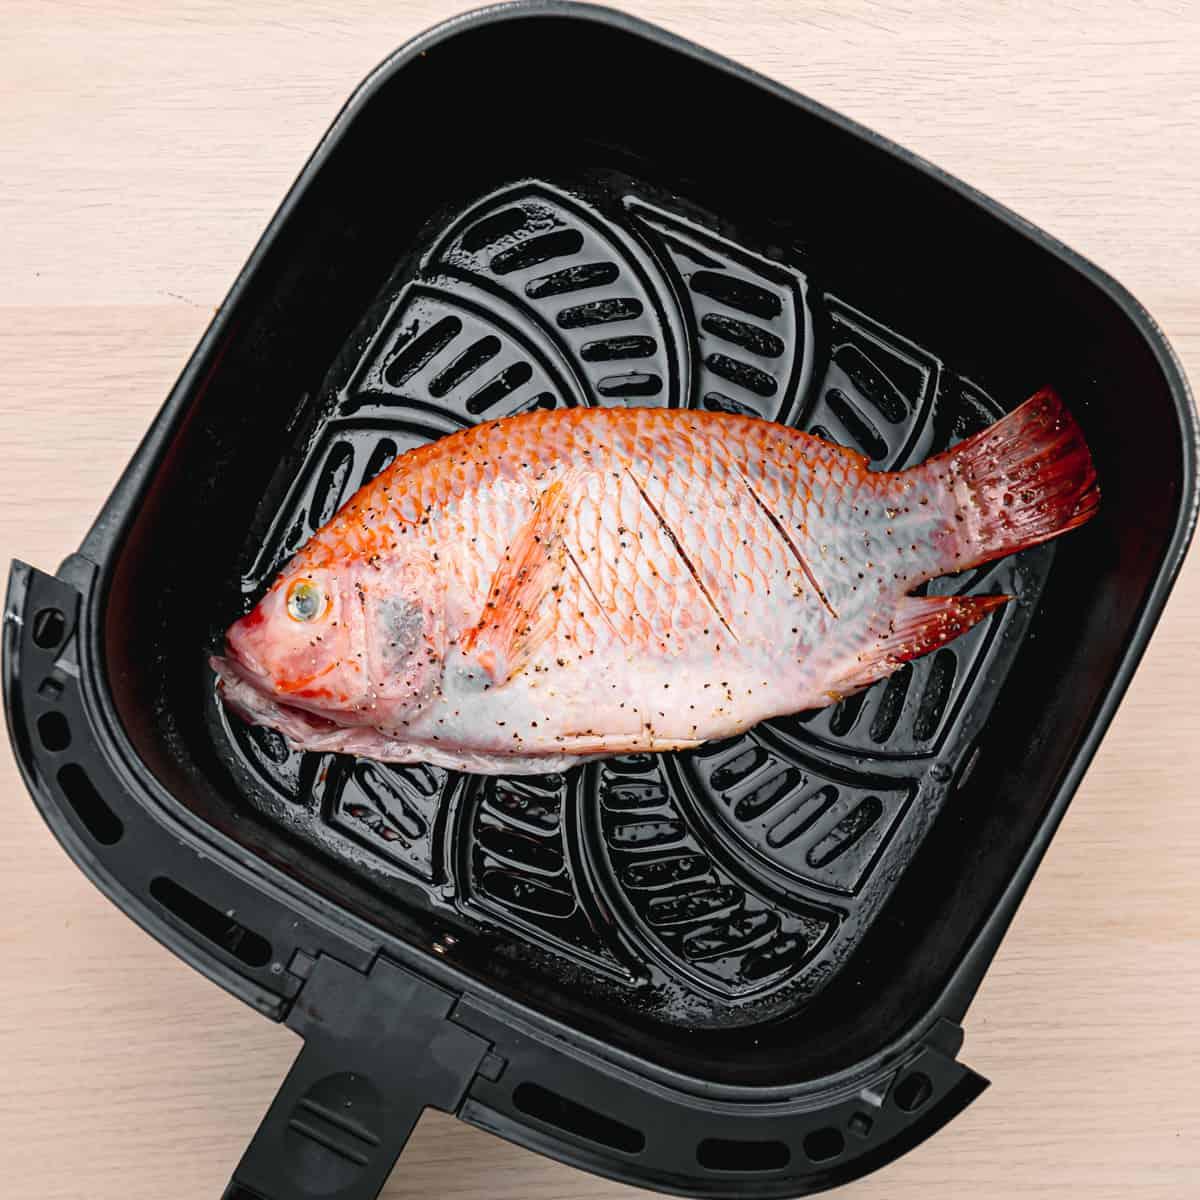 a fish inside an air fryer.